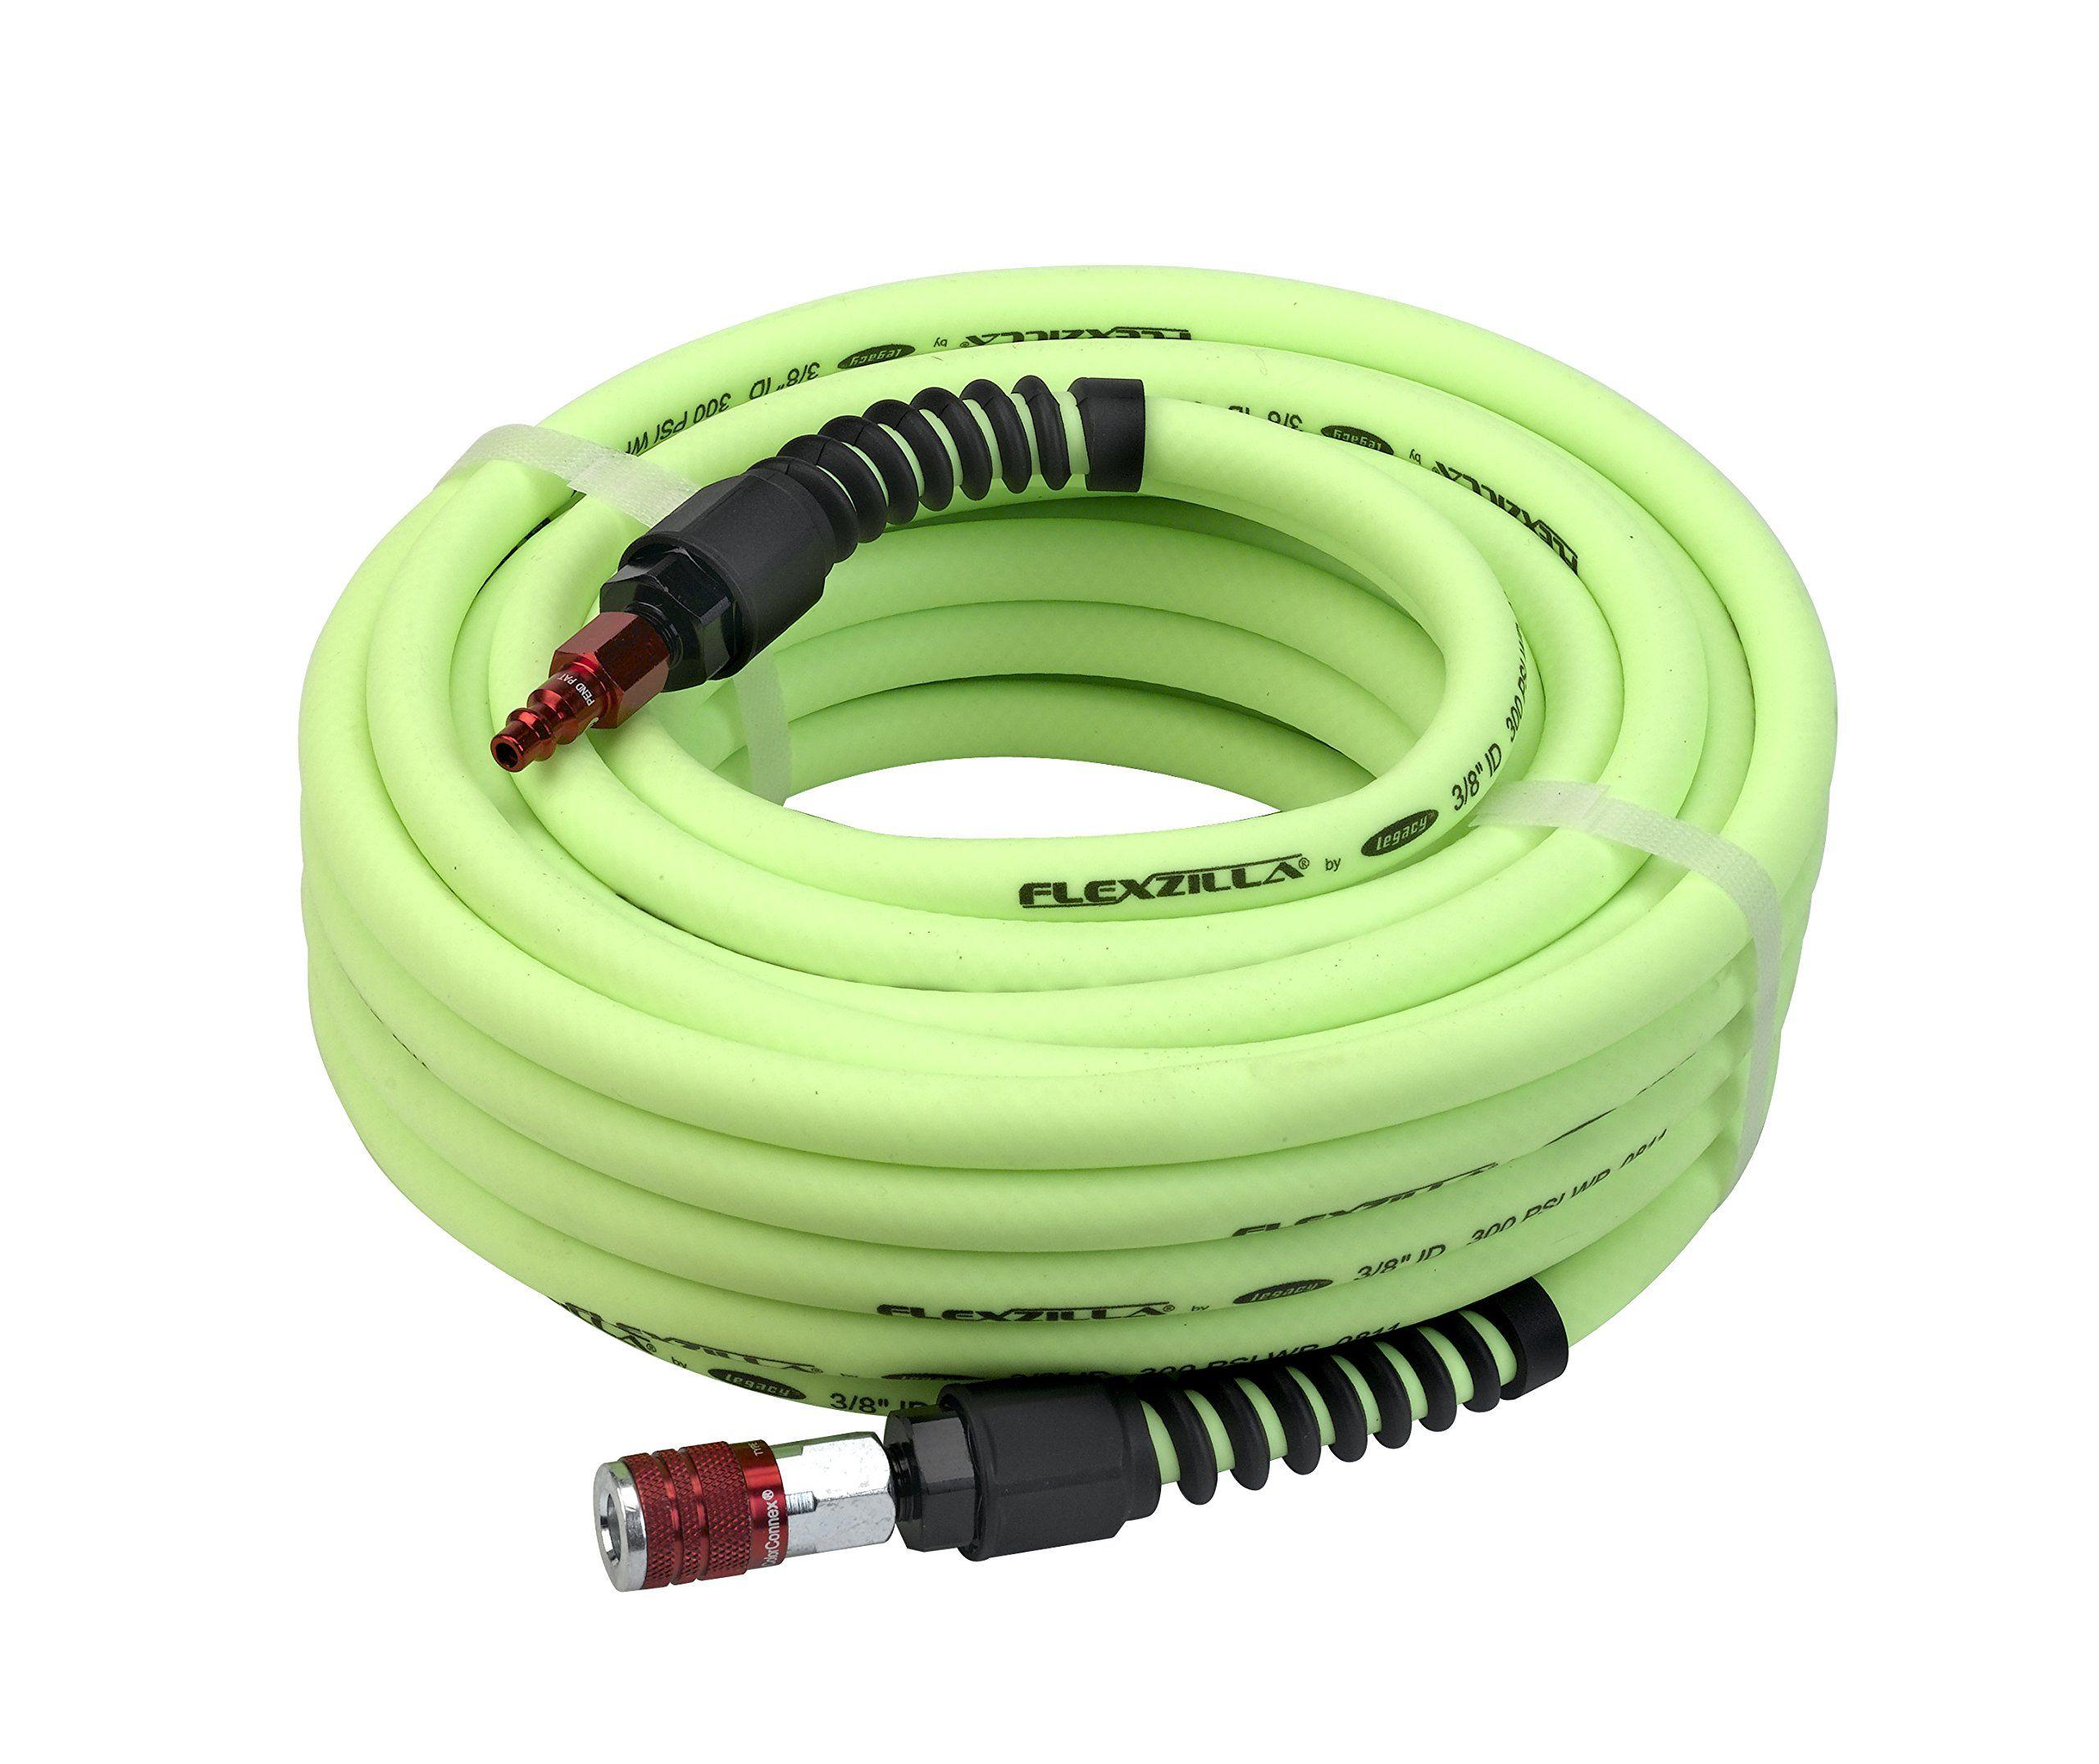 Coupler And Plug on hose and plug, plug and plug, ring and plug, cap and plug, cup and plug, coil and plug, wire and plug, screw and plug, cord and plug, jack and plug, lamp and plug, switch and plug,